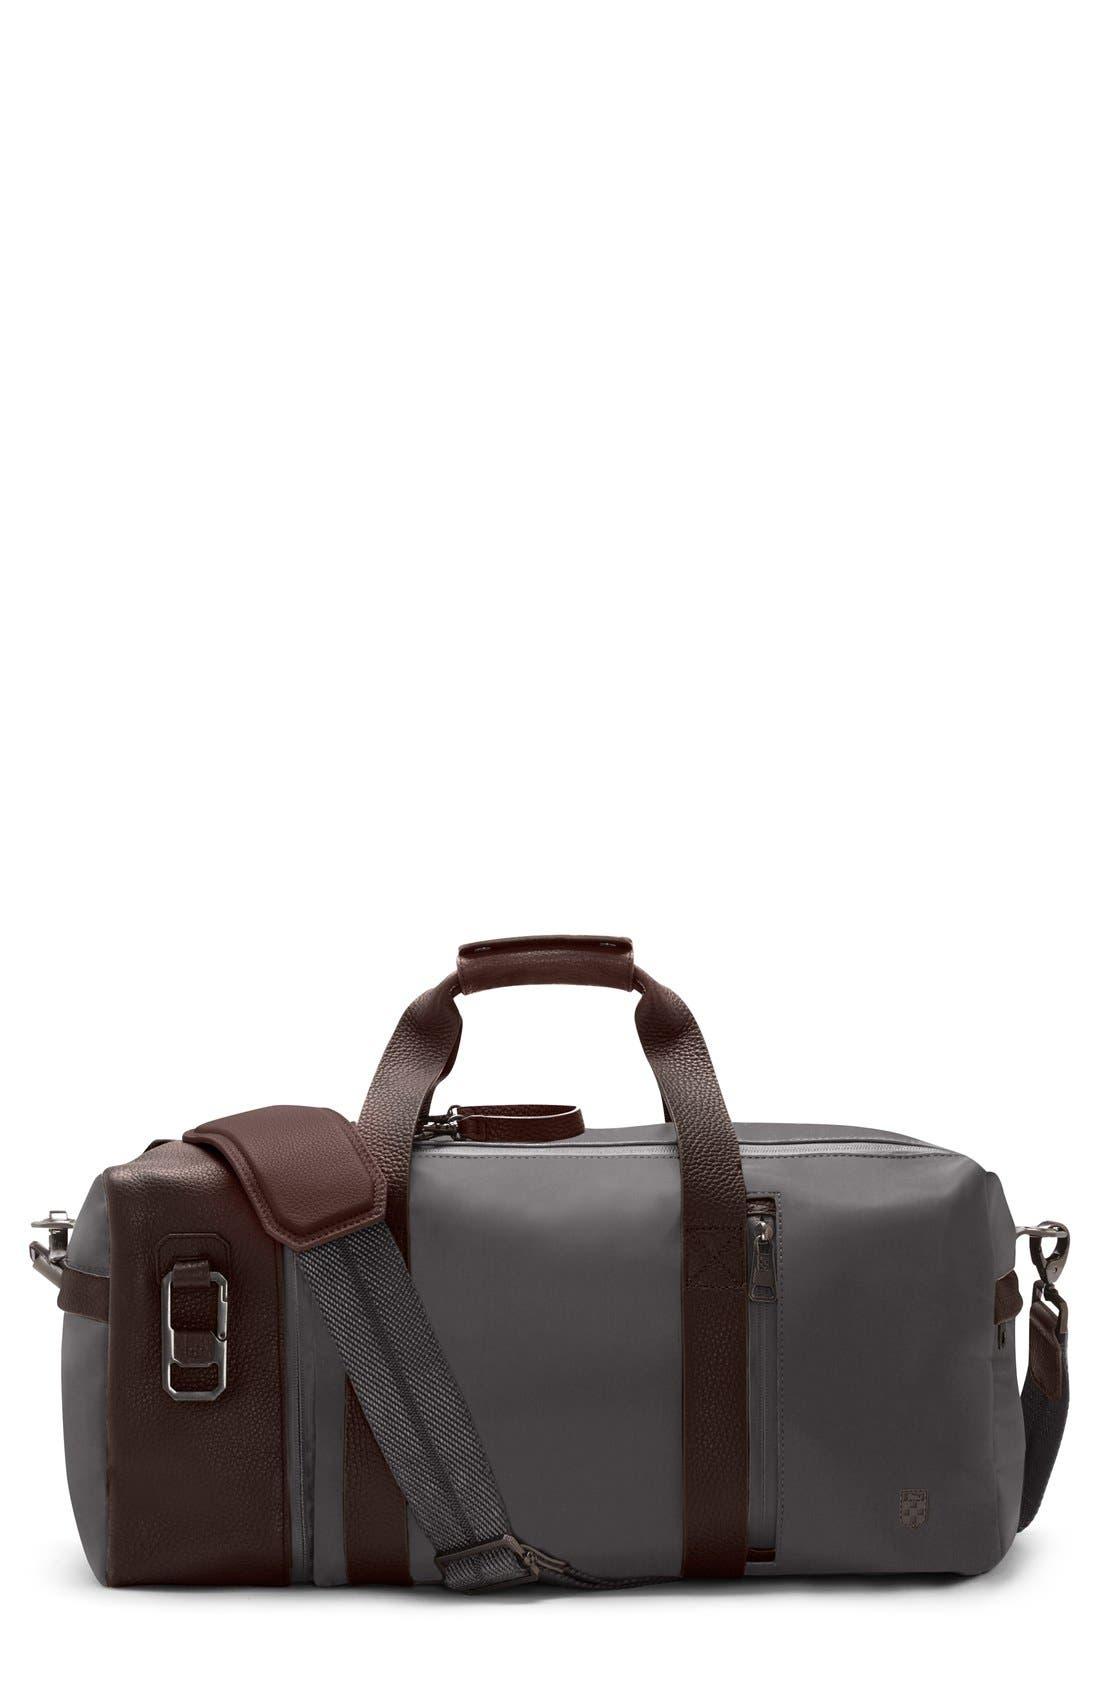 'Mestr' Duffel Bag,                         Main,                         color, Gunmetal